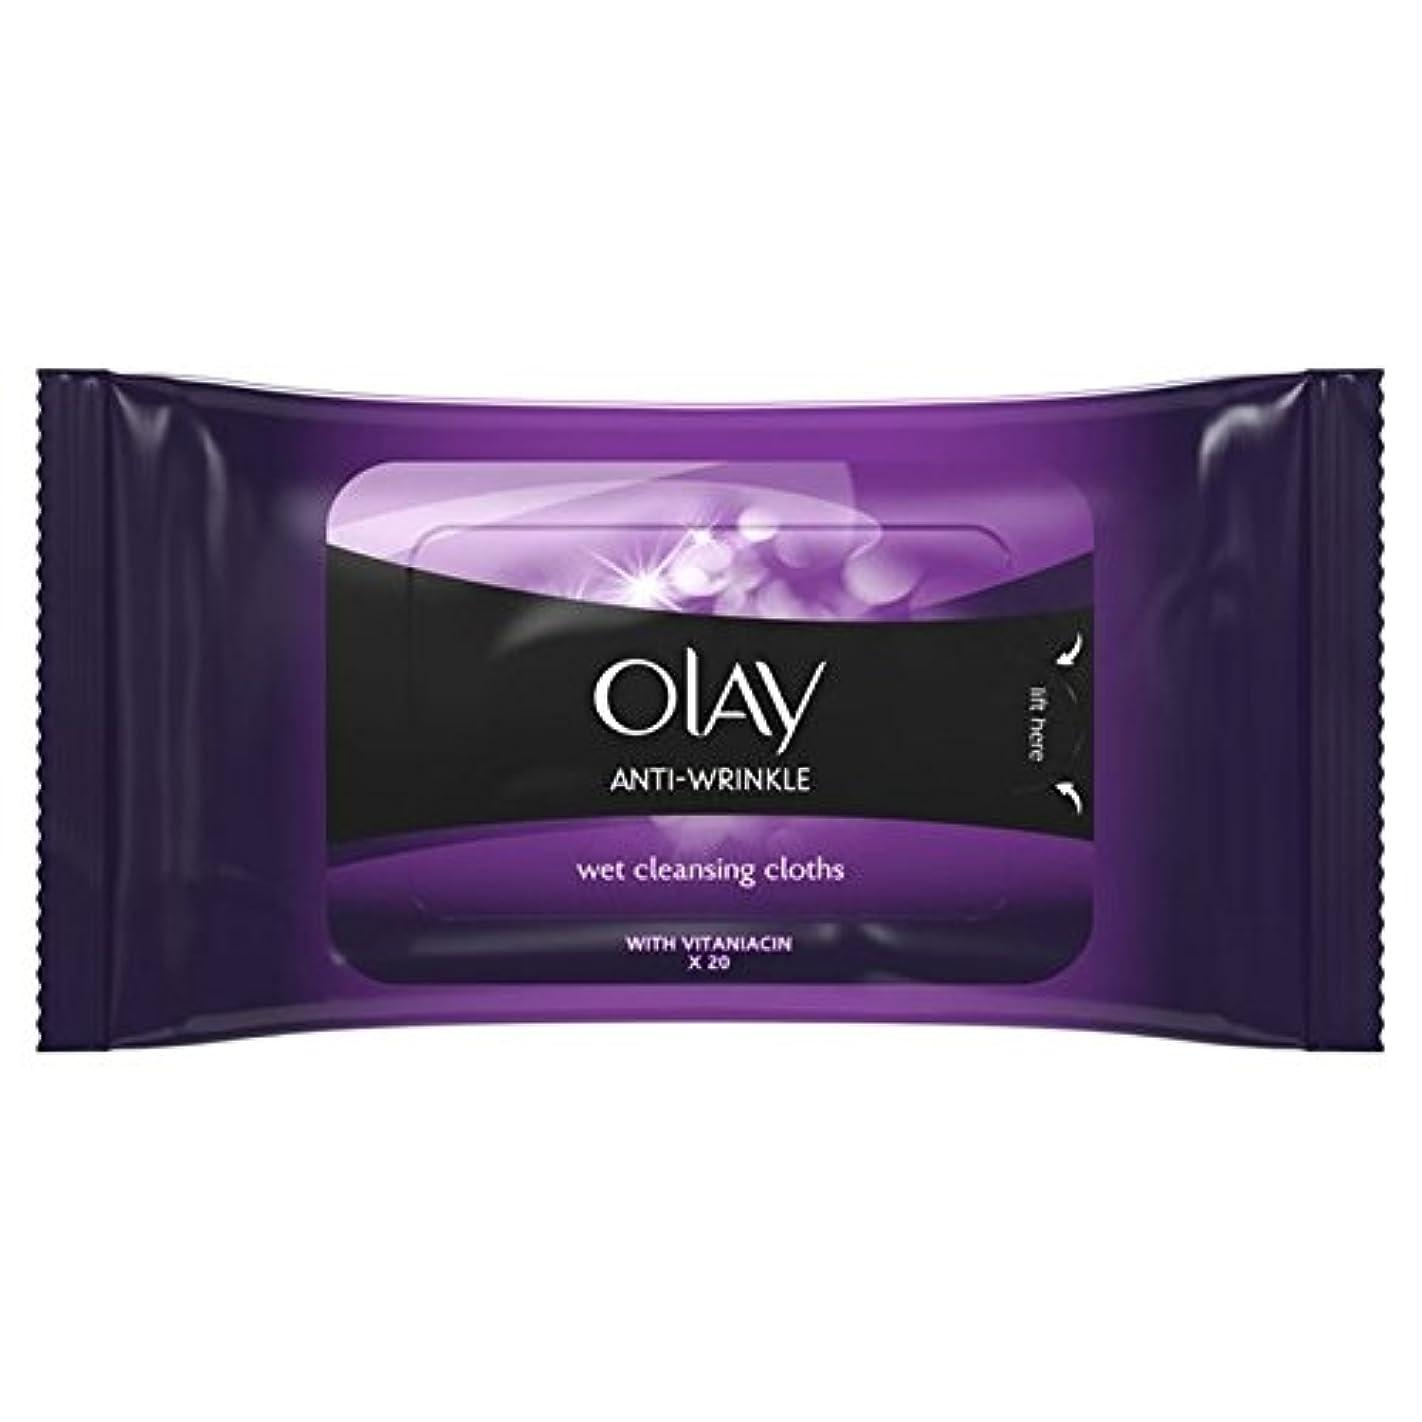 粘液出席不良品パックごとに20ワイプ抗シワ事務所をオーレイ&湿ったクレンジングを持ち上げます x2 - Olay Anti Wrinkle Firm & Lift Wet Cleansing Wipes 20 per pack (Pack...